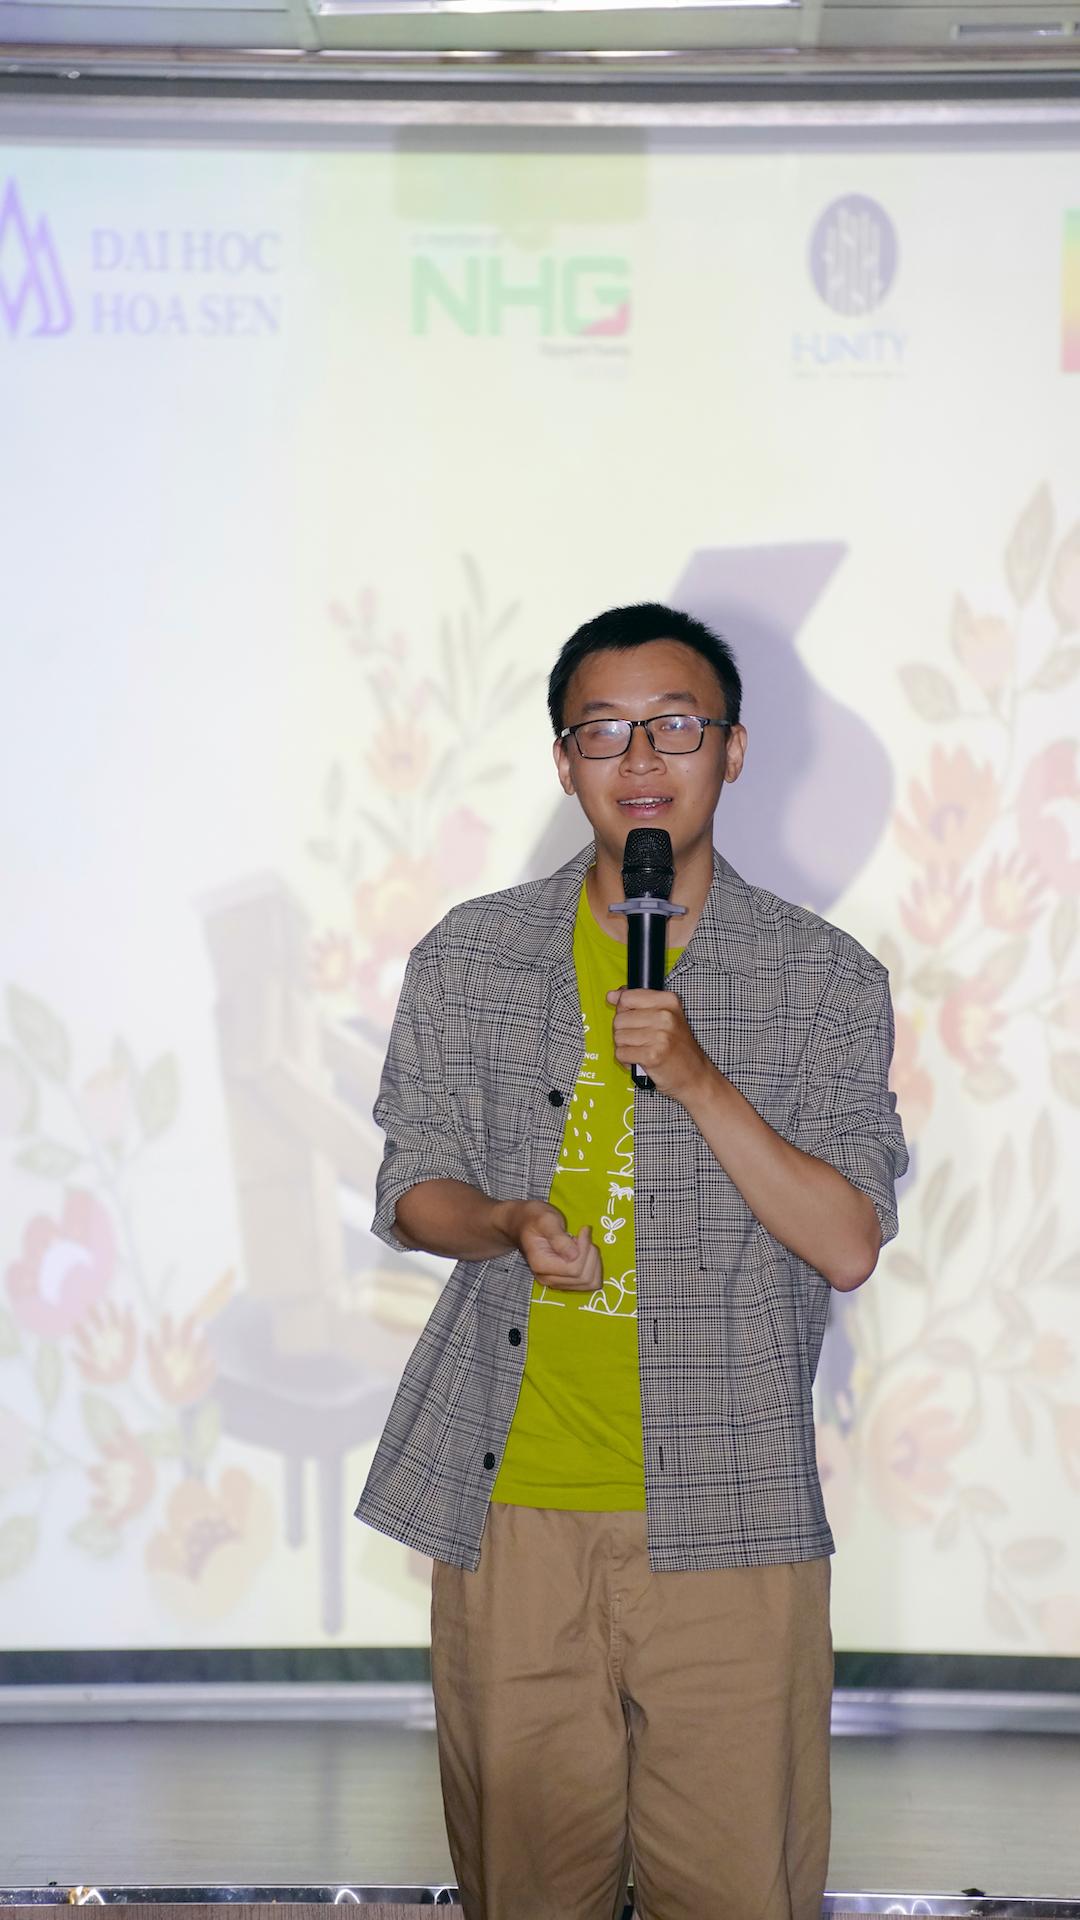 """""""Hãy dần thay đổi những thói quen xấu gây tác động không tốt đến môi trường sống"""", diễn viên Uy Lê - nhóm Sài Gòn Tếu nhấn mạnh"""